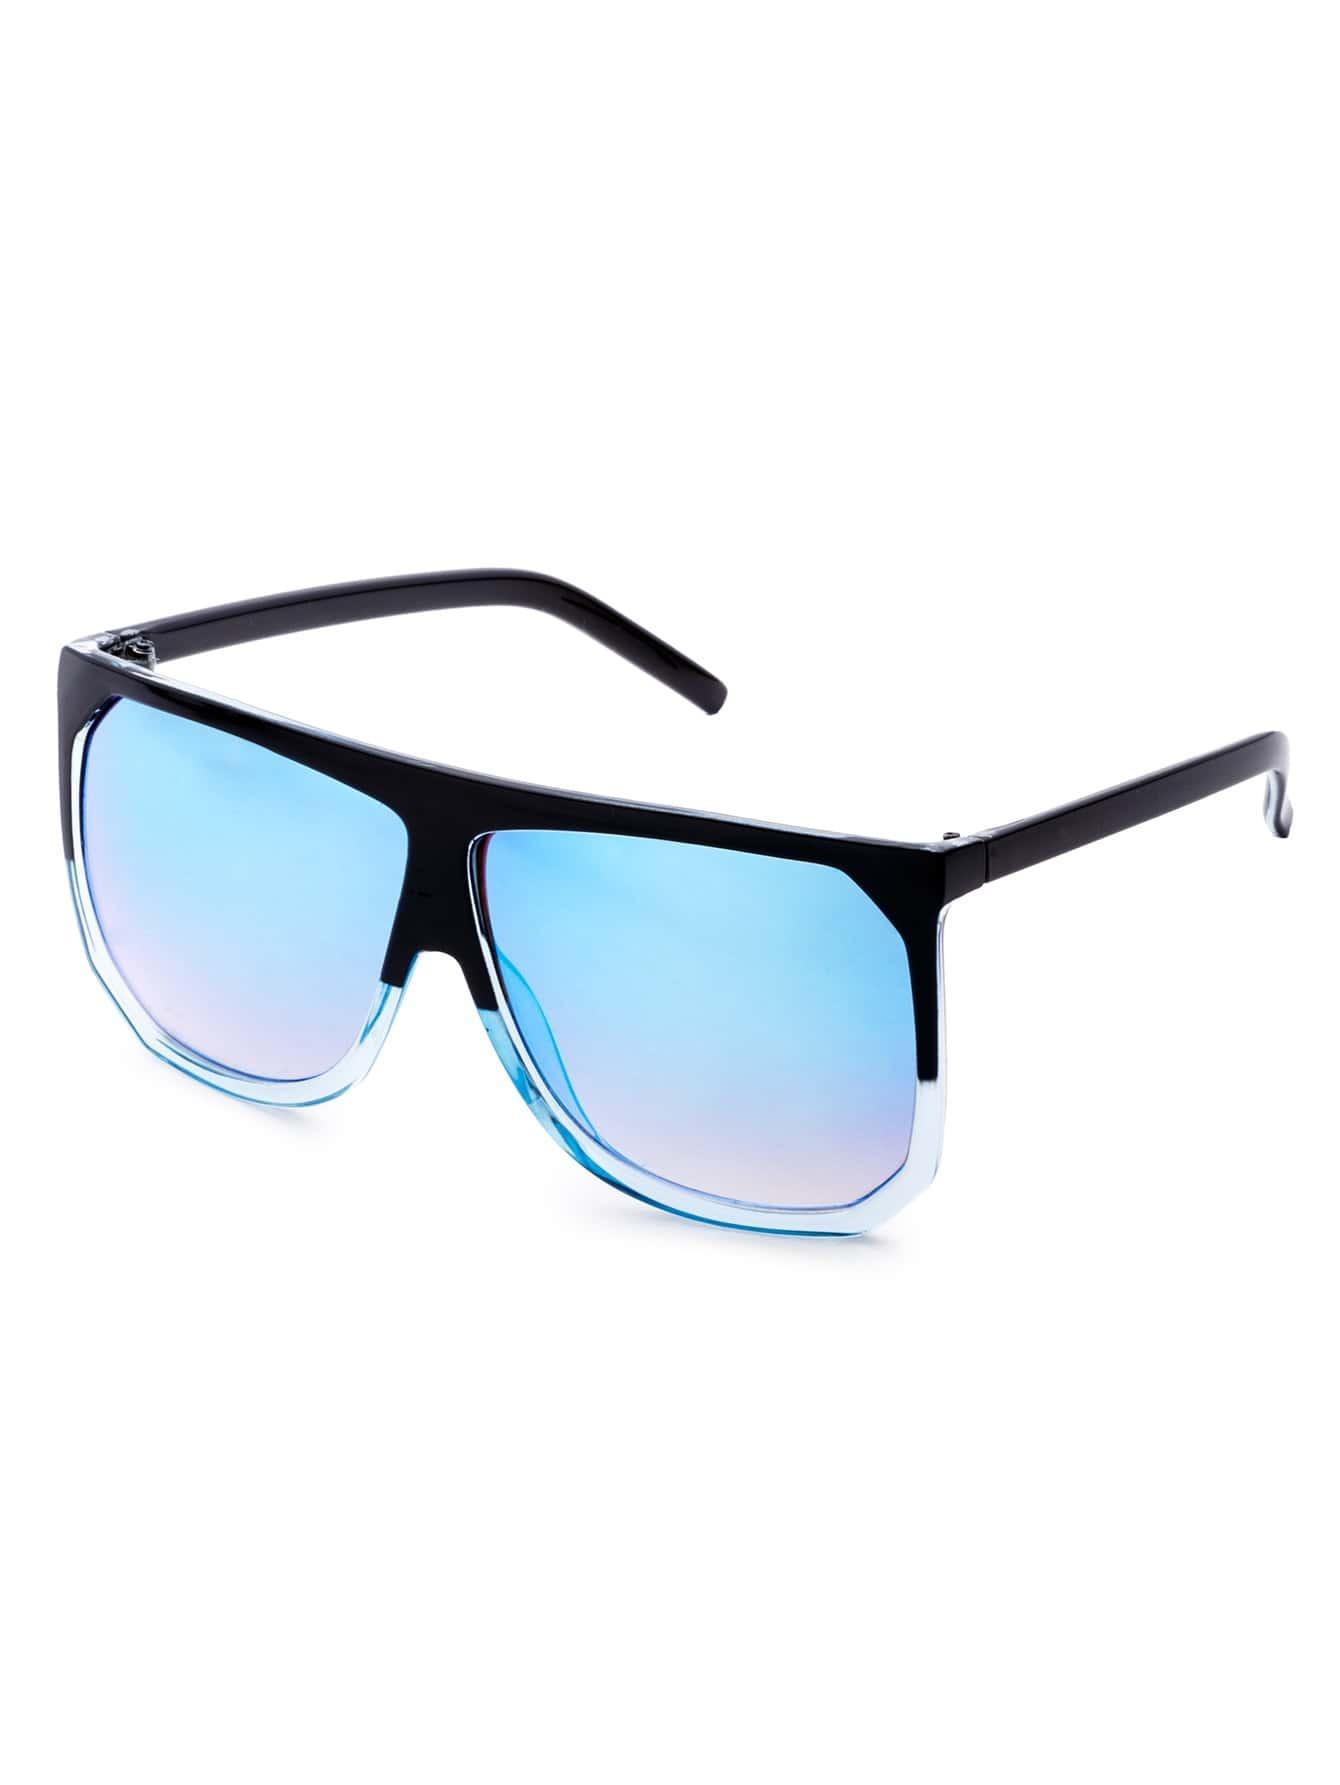 Contrast Frame Light Blue Lens Sunglasses sunglass161220303